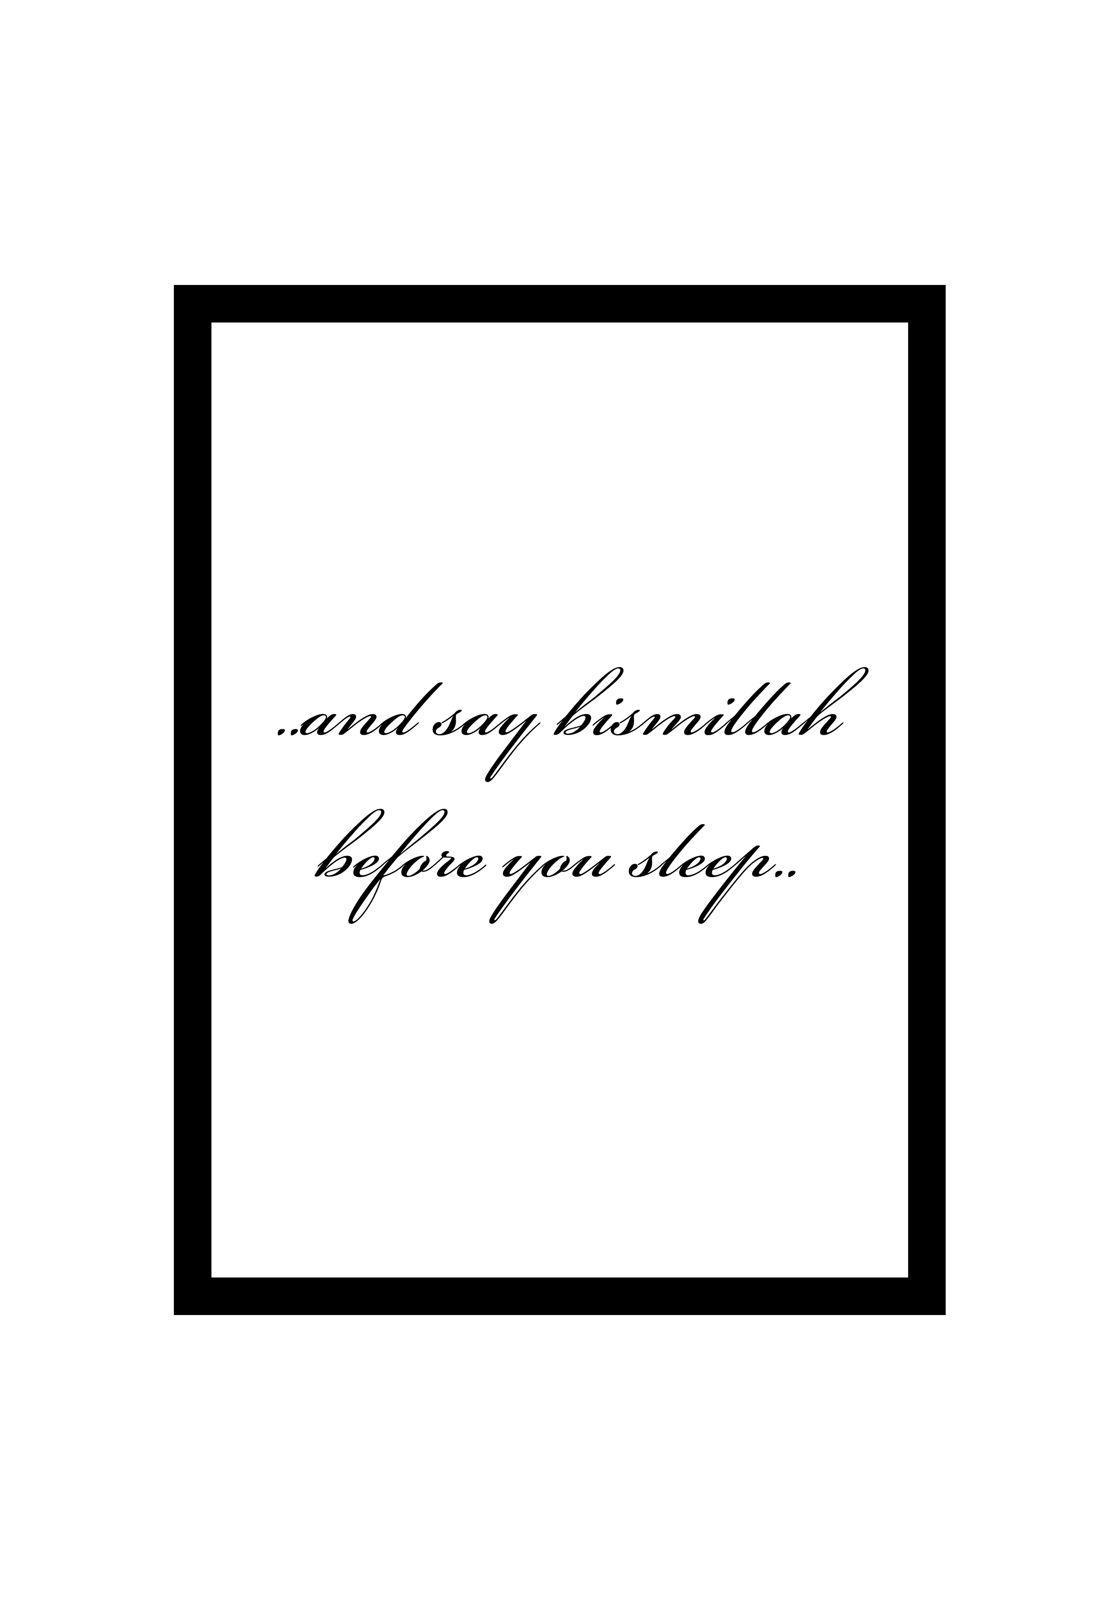 Say bismillah before you sleep _opt